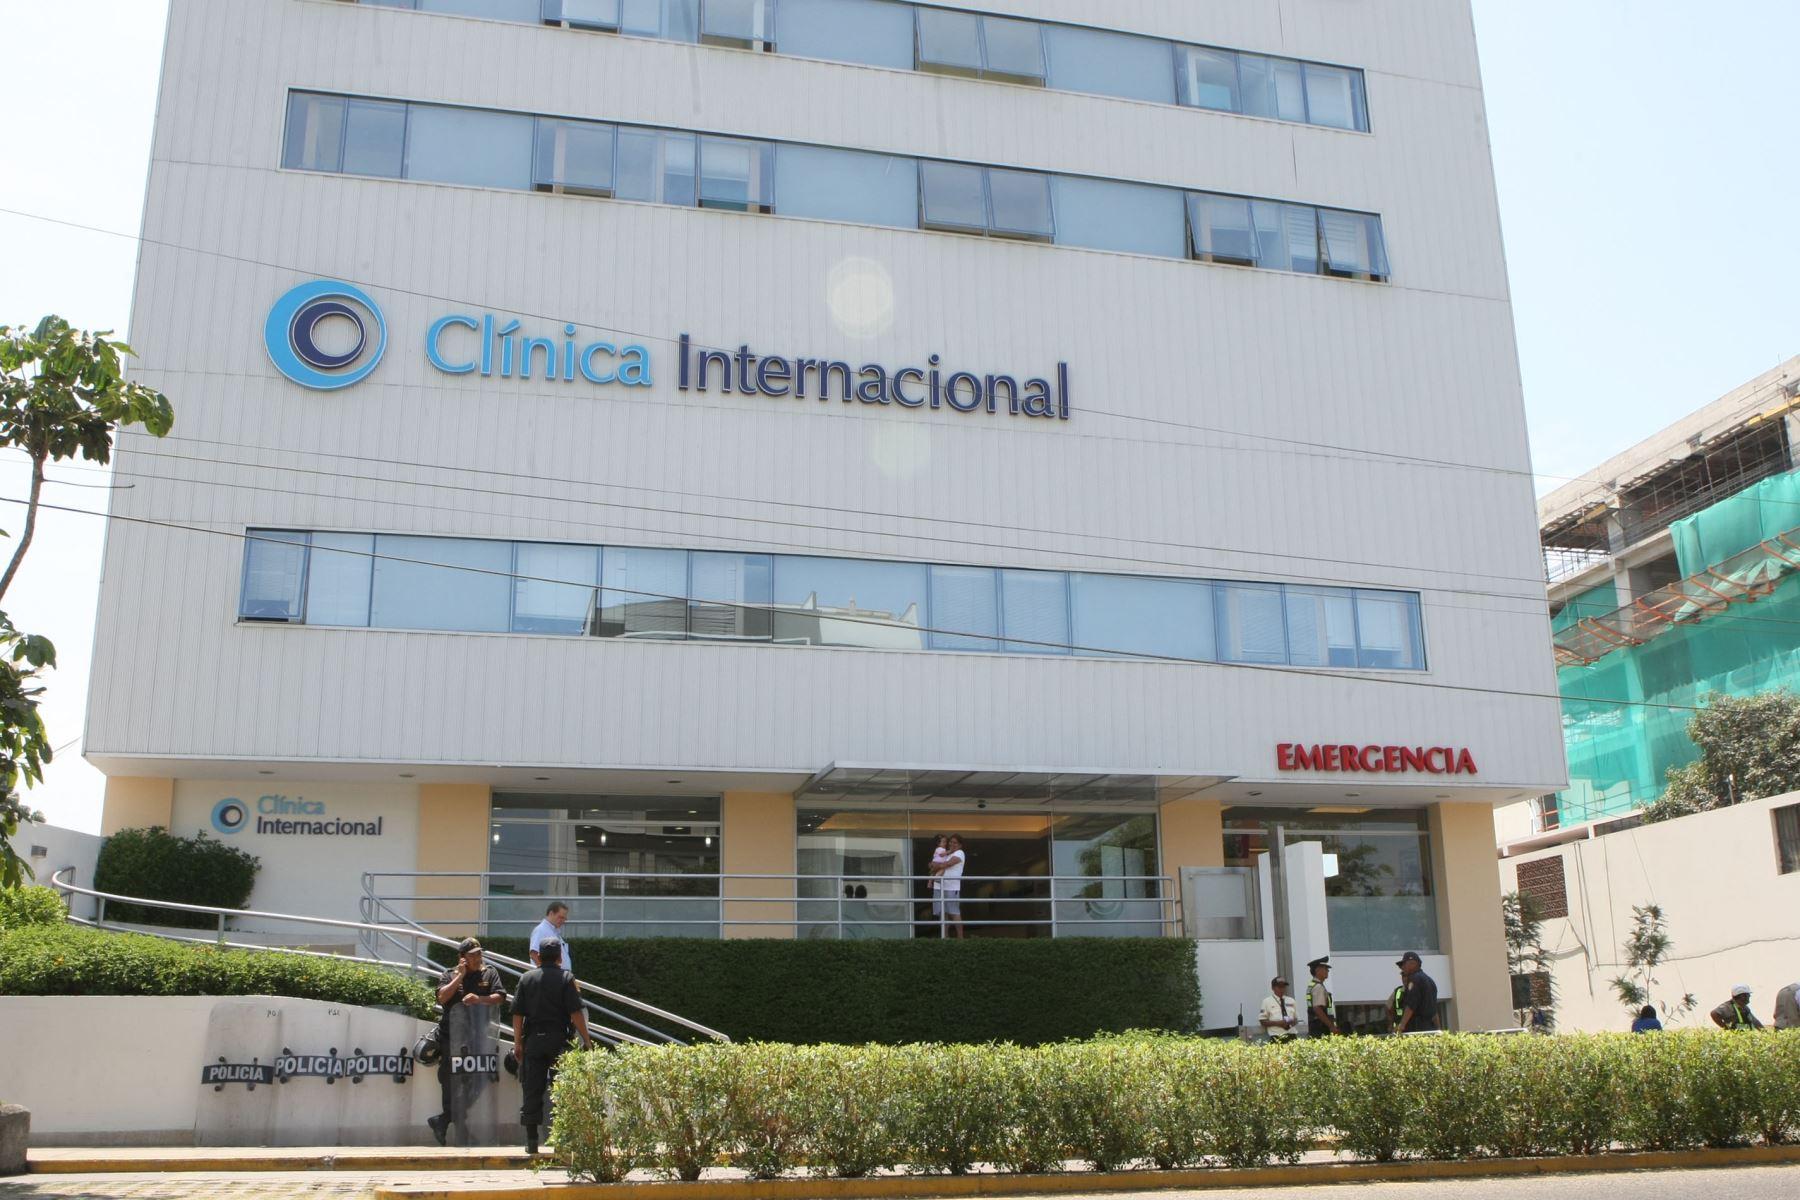 Los afiliados al SIS contarán inicialmente con 30 camas disponibles en Lima y Callao. En caso que el número de usuarios superara esta disponibilidad será de conocimiento público al finalizar la pandemia. ANDINA/Difusión